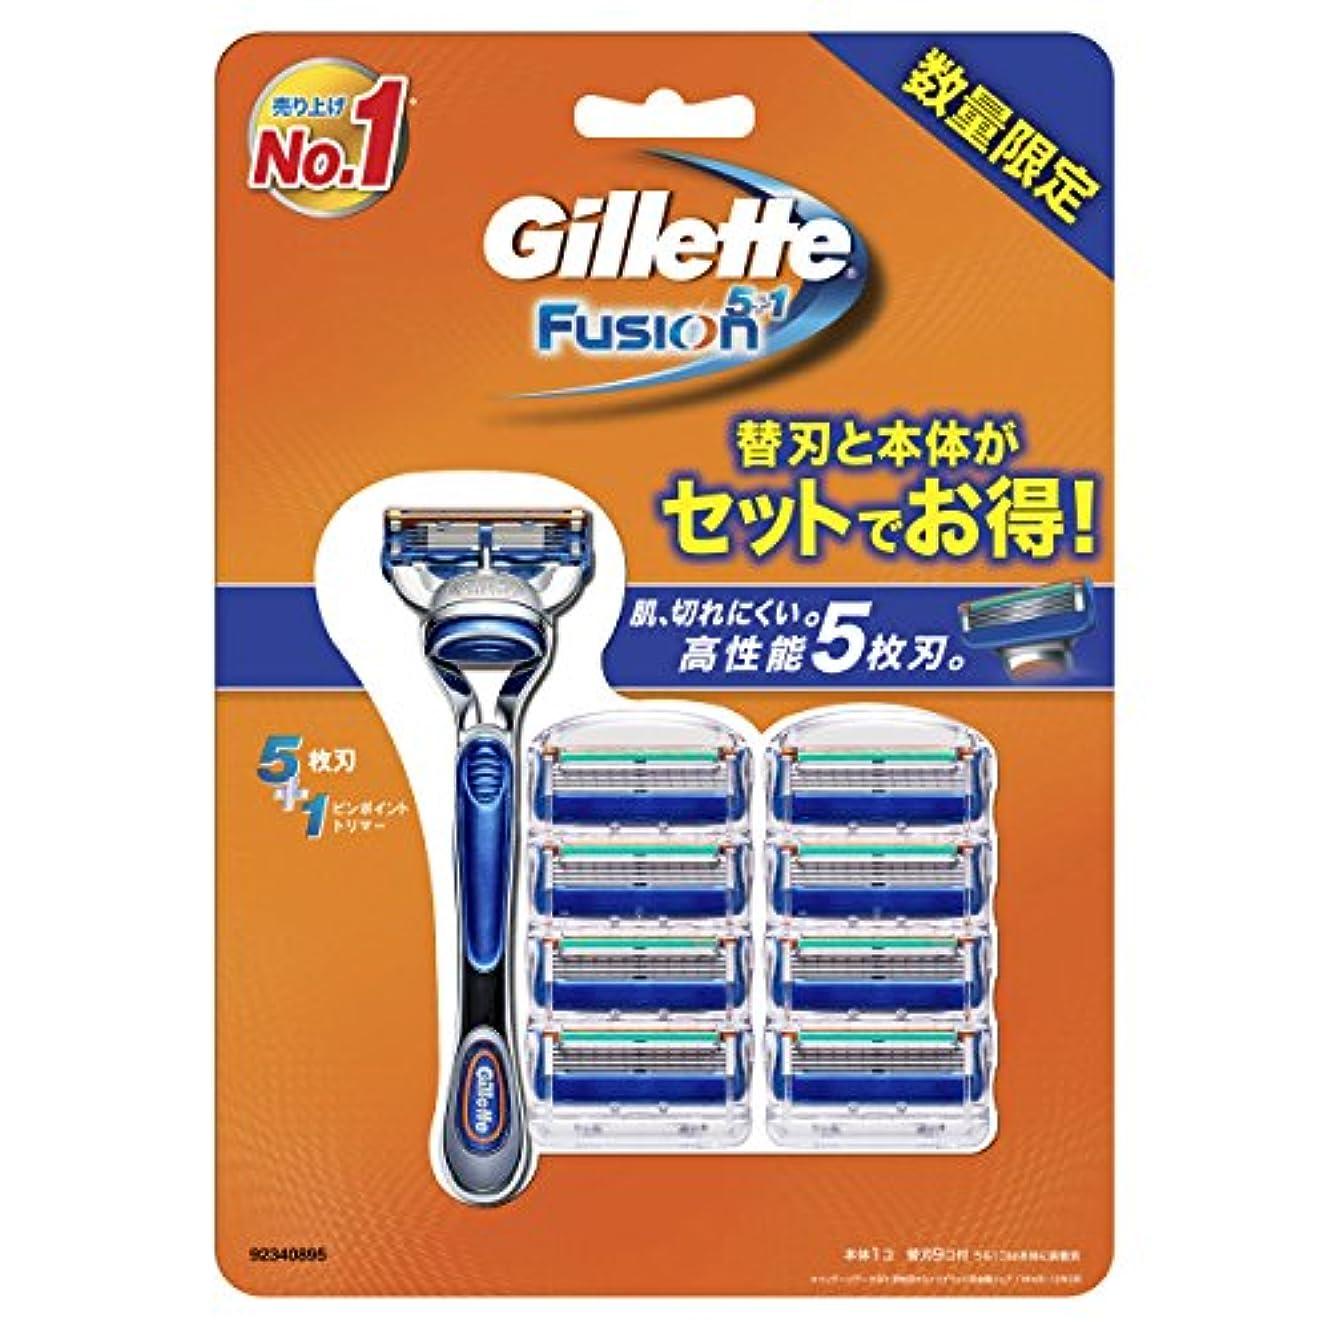 達成可能名前でボランティアジレット フュージョン5+1 マニュアル 髭剃り 単品 本体+替刃9個付